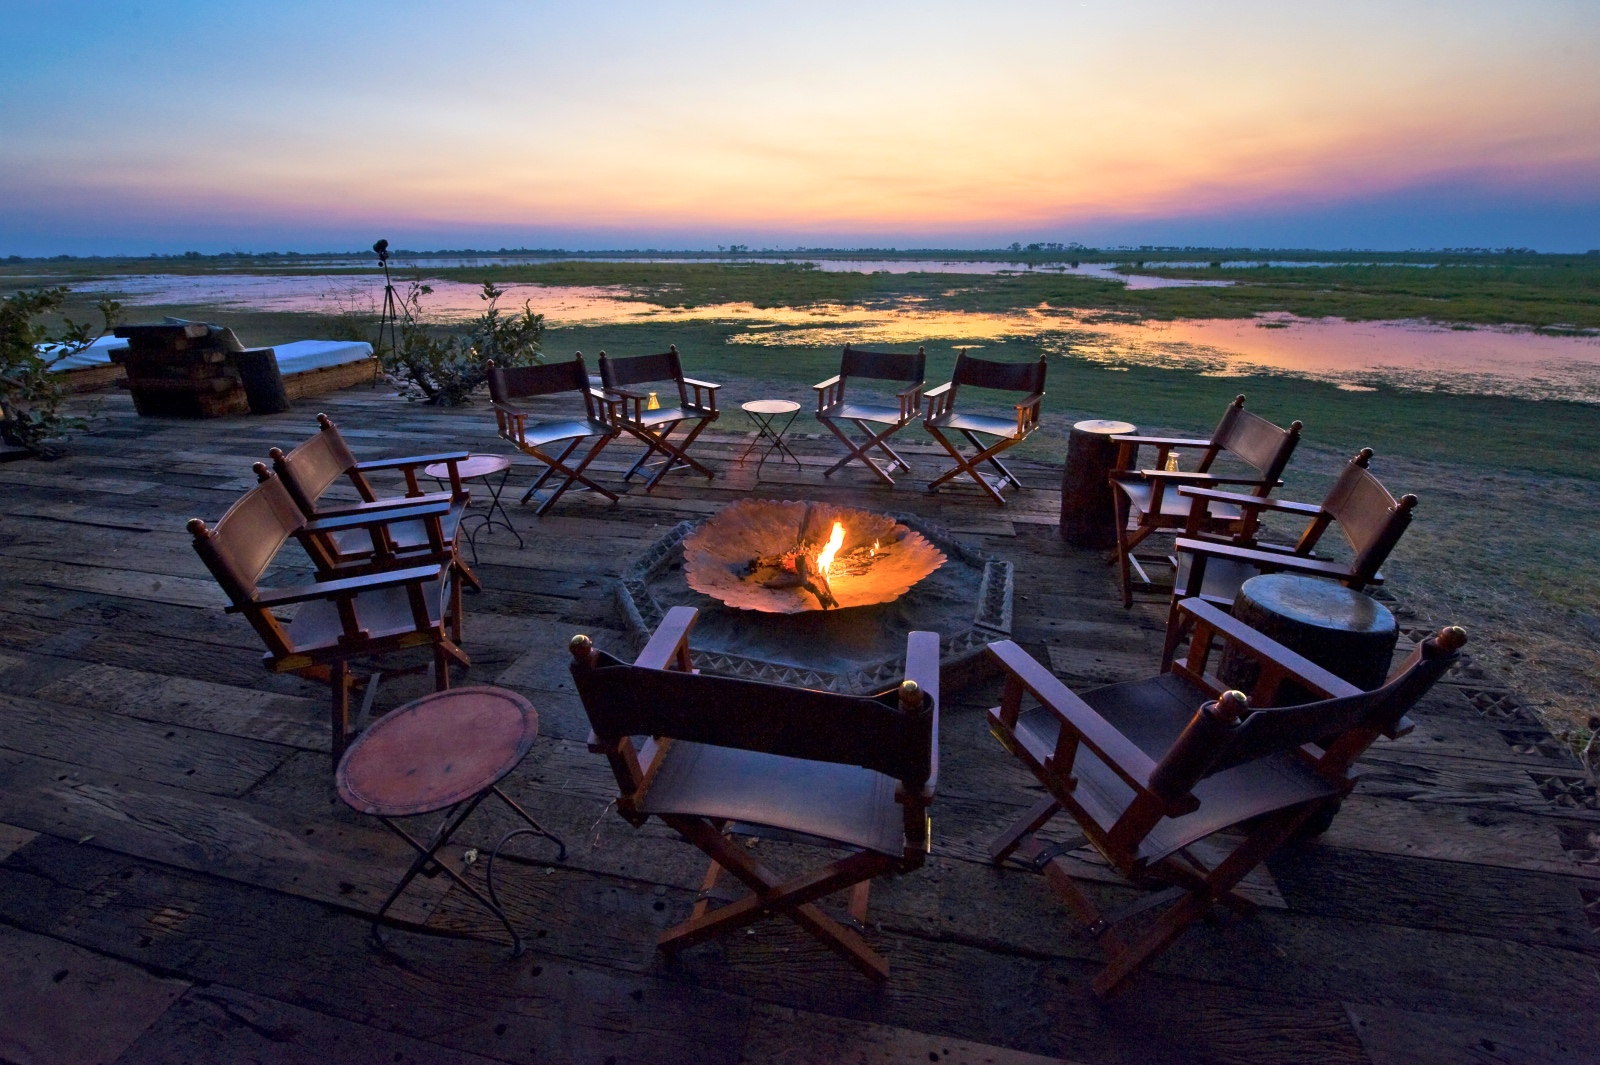 Zarafa Camp open-air boma overlooking the lagoon at sunset